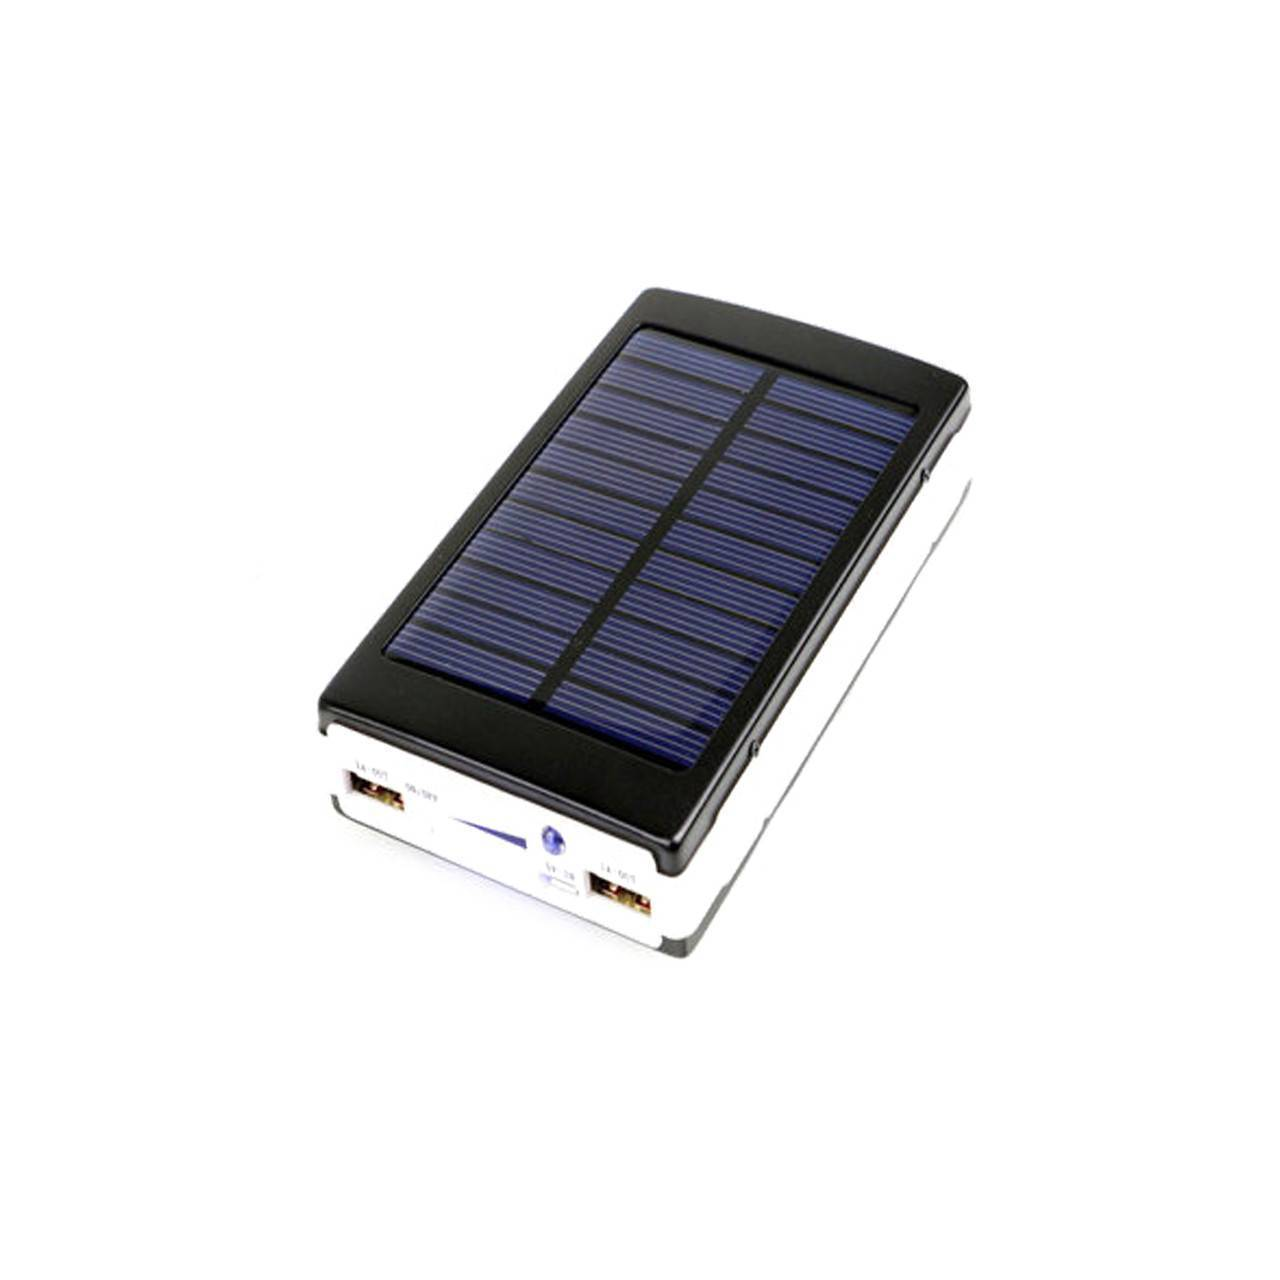 Power bank на солнечных батареях